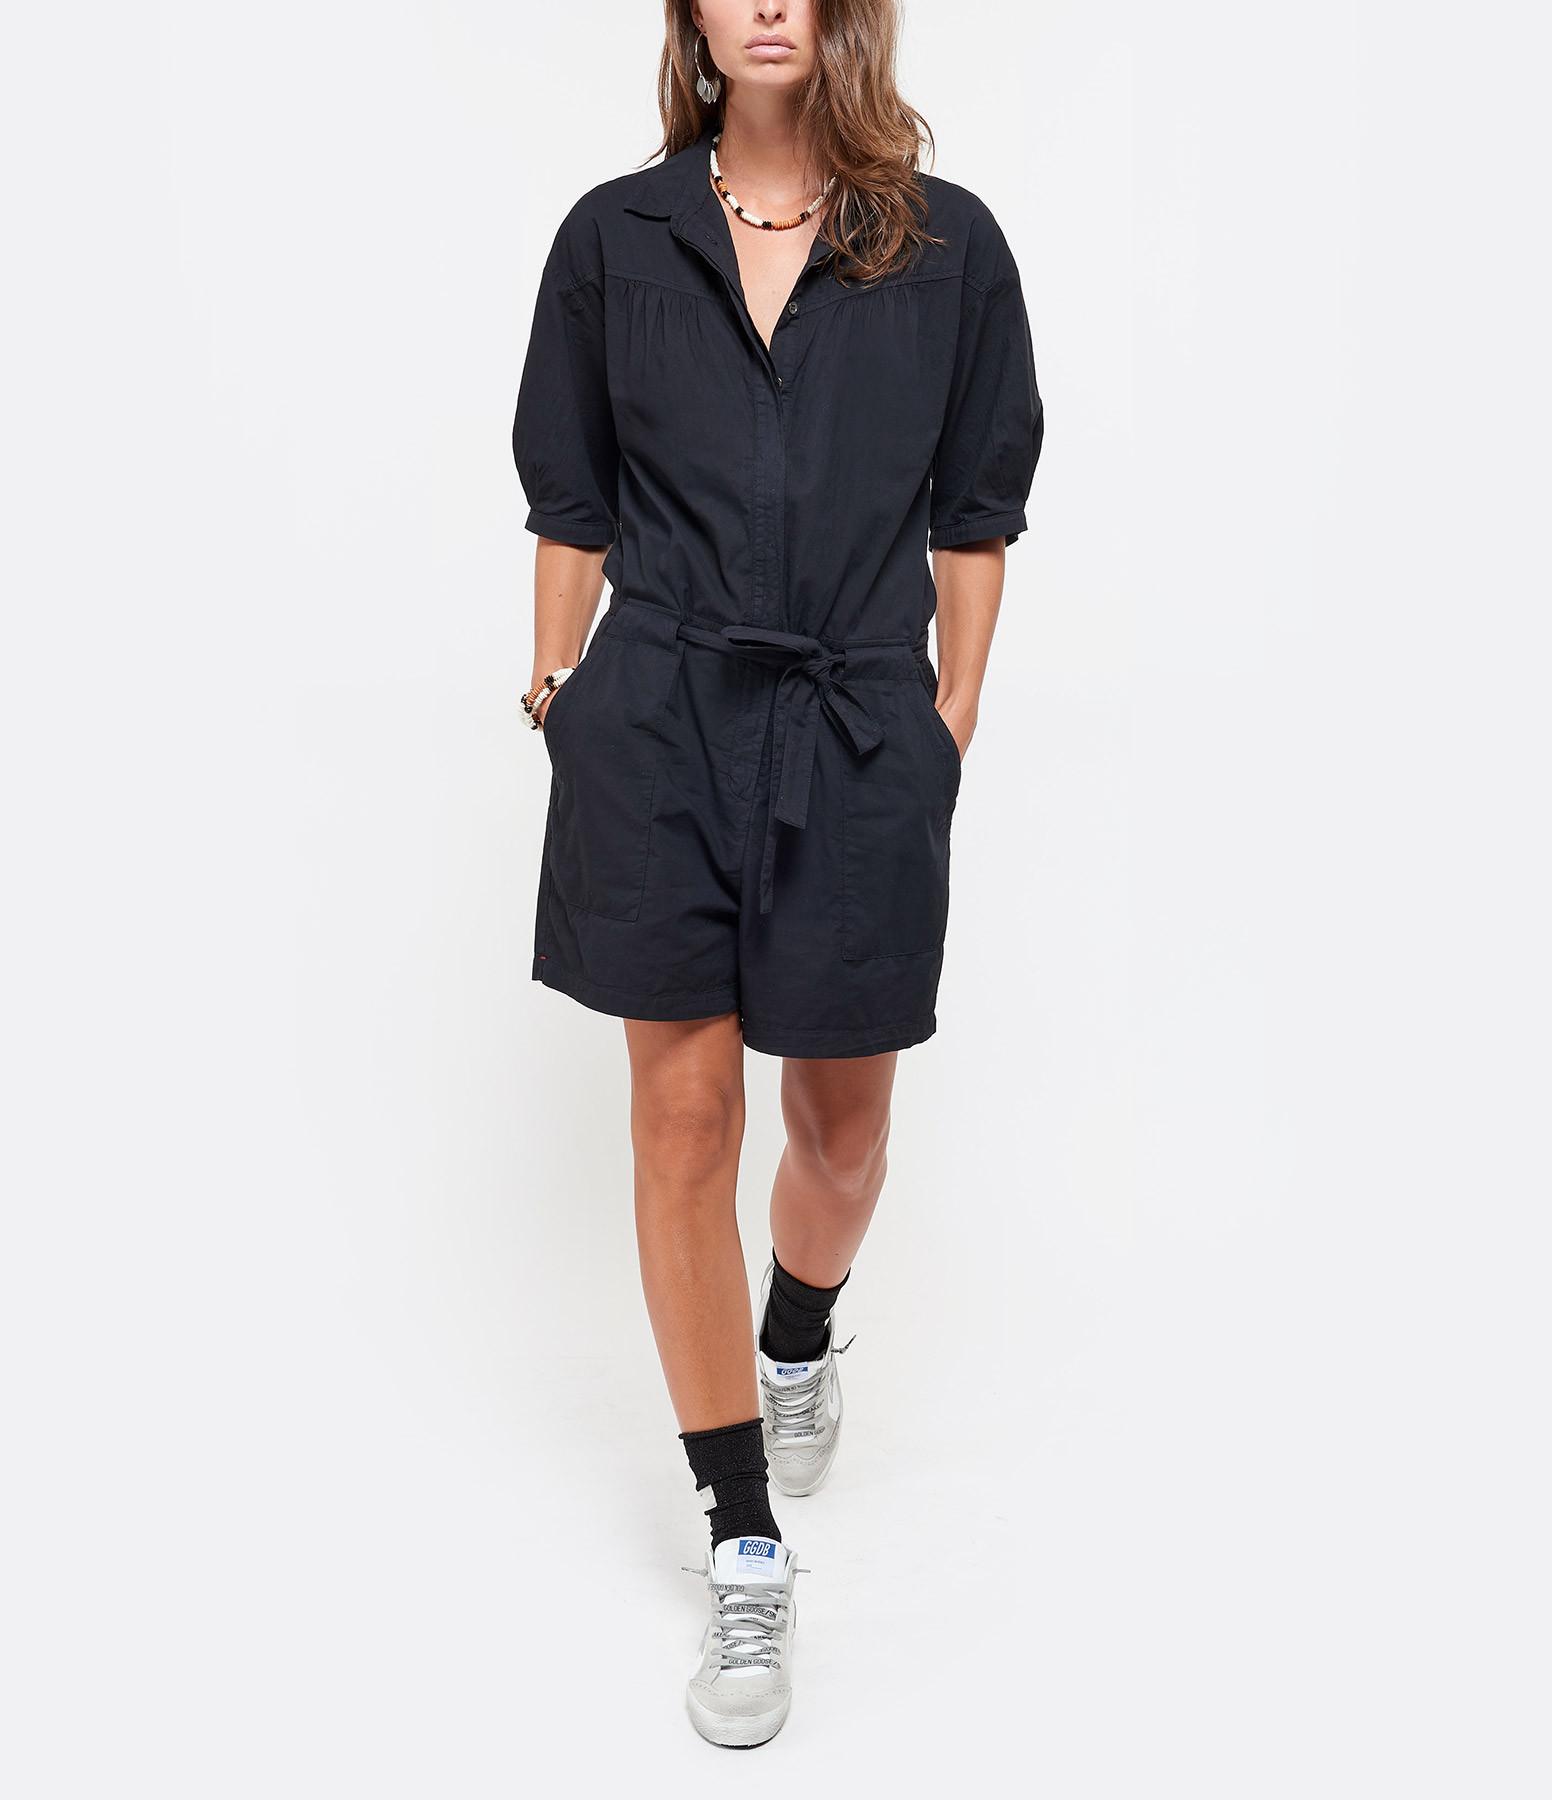 XIRENA - Combinaison Grady Coton Noir